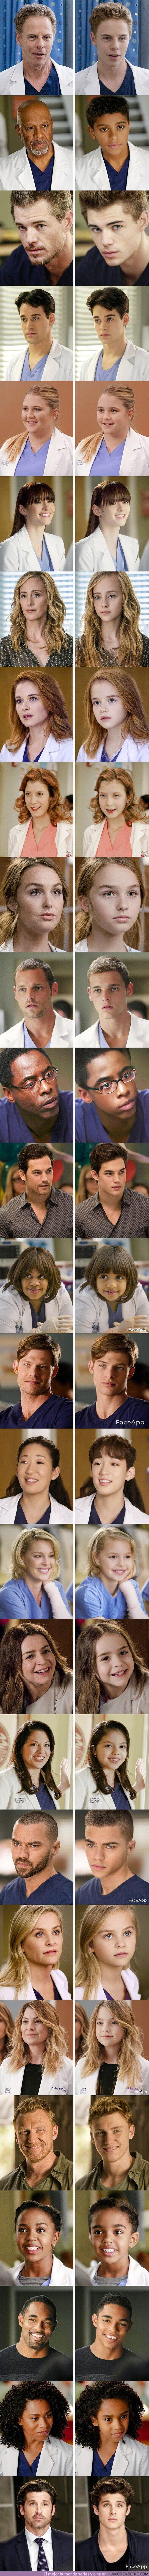 """65128 - GALERÍA: 20+ Personajes de """"Grey's Anatomy"""" convertidos en niños pequeños que nos llenaron de ternura el día"""